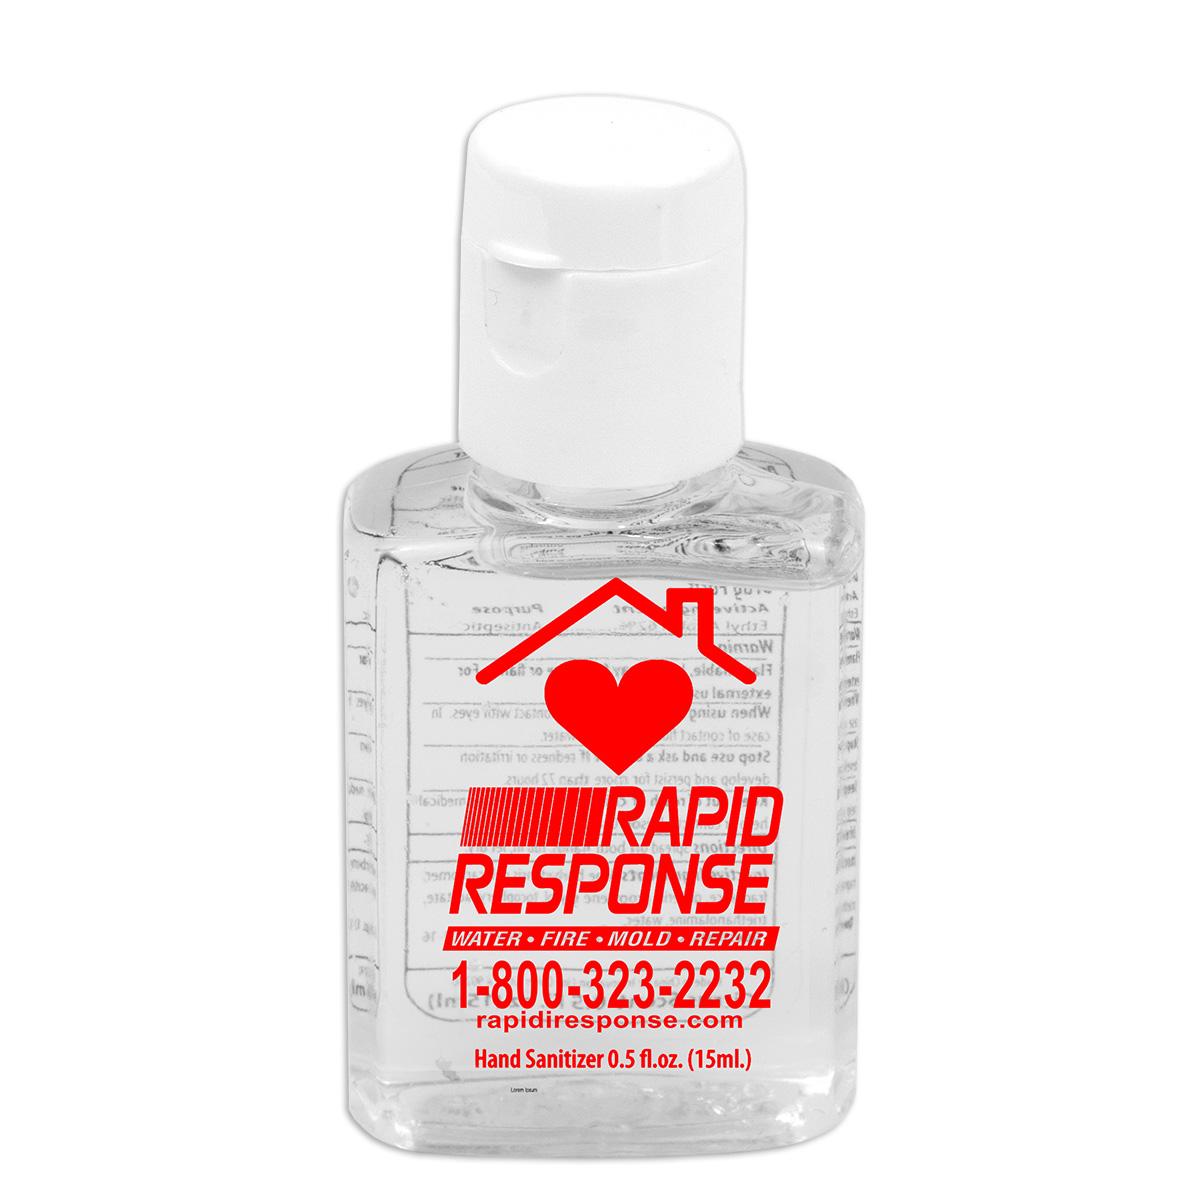 .5 oz Compact Hand Sanitizer Antibacterial Gel in Flip-Top Squeeze Bottle (Spot Color Print)